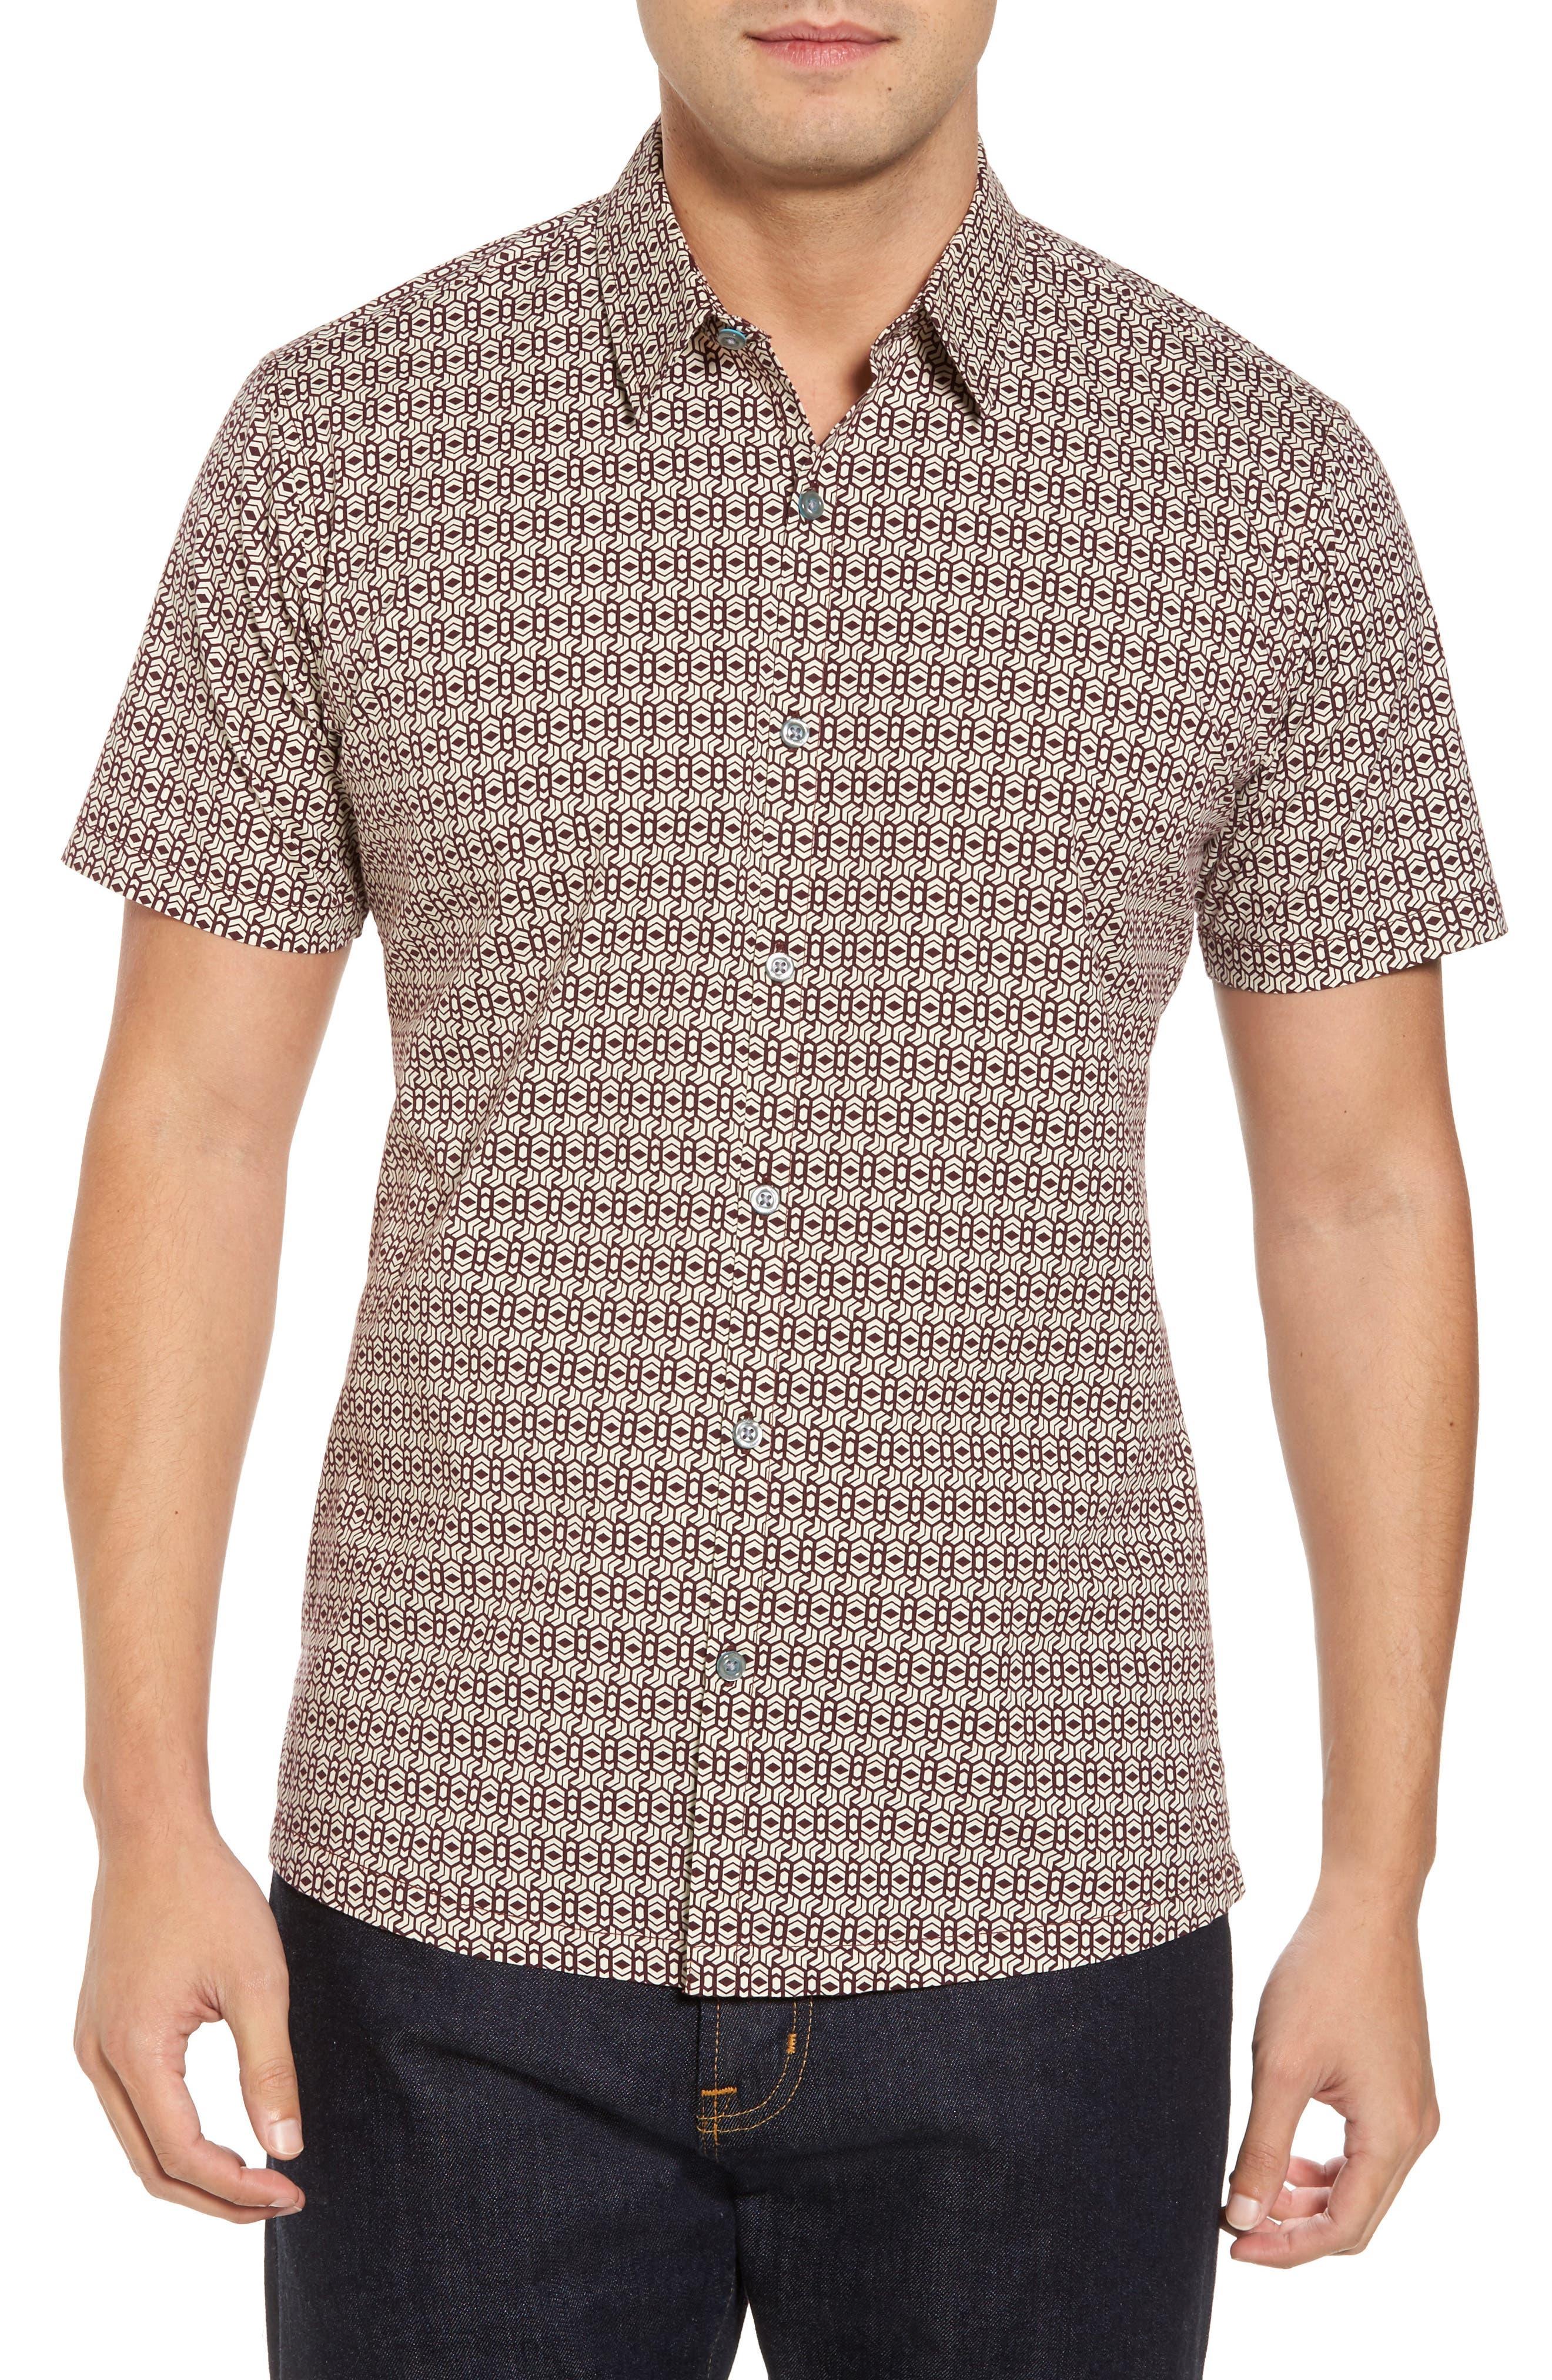 Alternate Image 1 Selected - Tori Richard Chevrons Slim Fit Camp Shirt